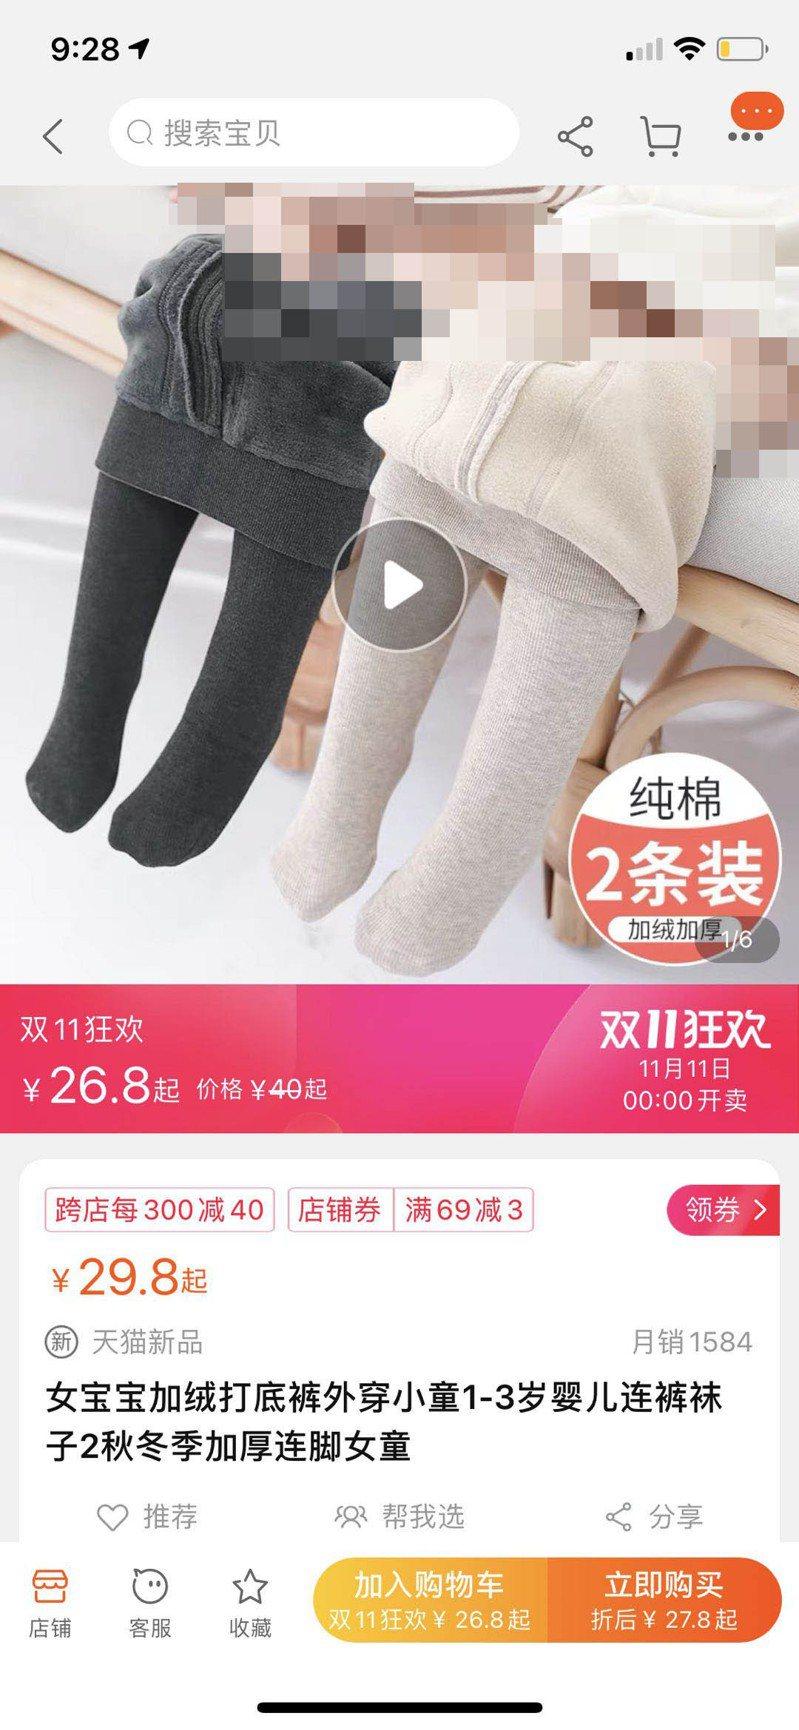 網店展示的兒童褲襪被指不妥。(取材自澎湃新聞)